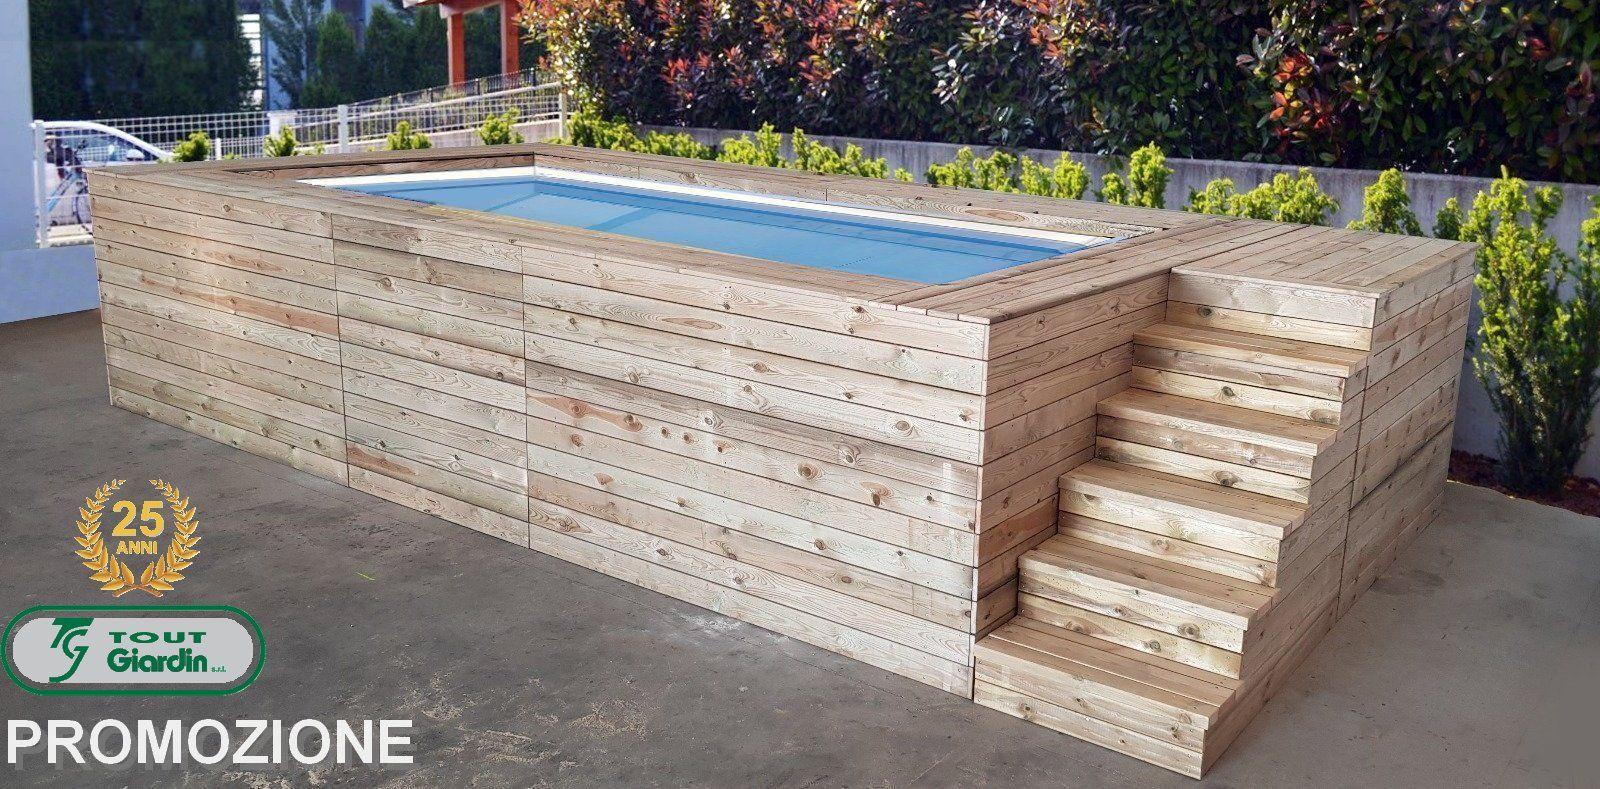 Piscine Da Esterno Rivestite In Legno promozione 25 anni: piscina fuori terra con rivestimeto